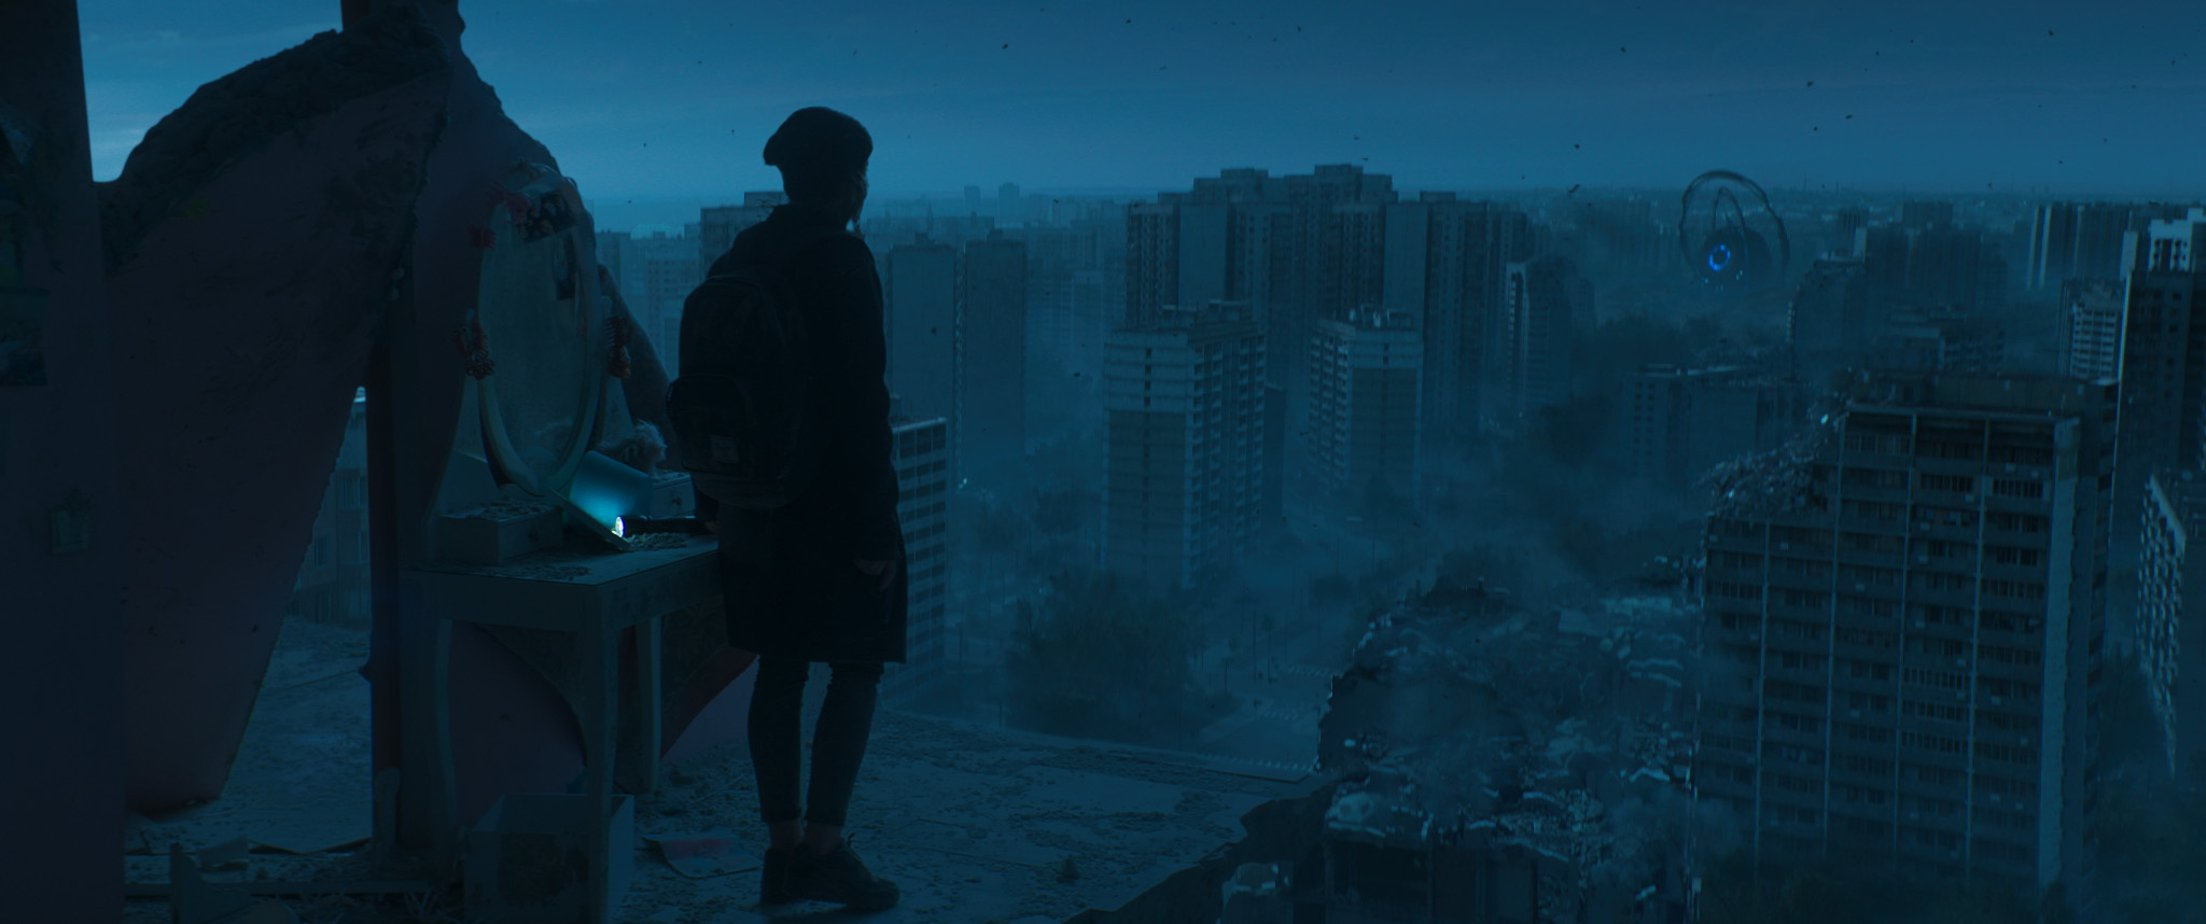 Фильм притяжение 2018 на кинопоиске